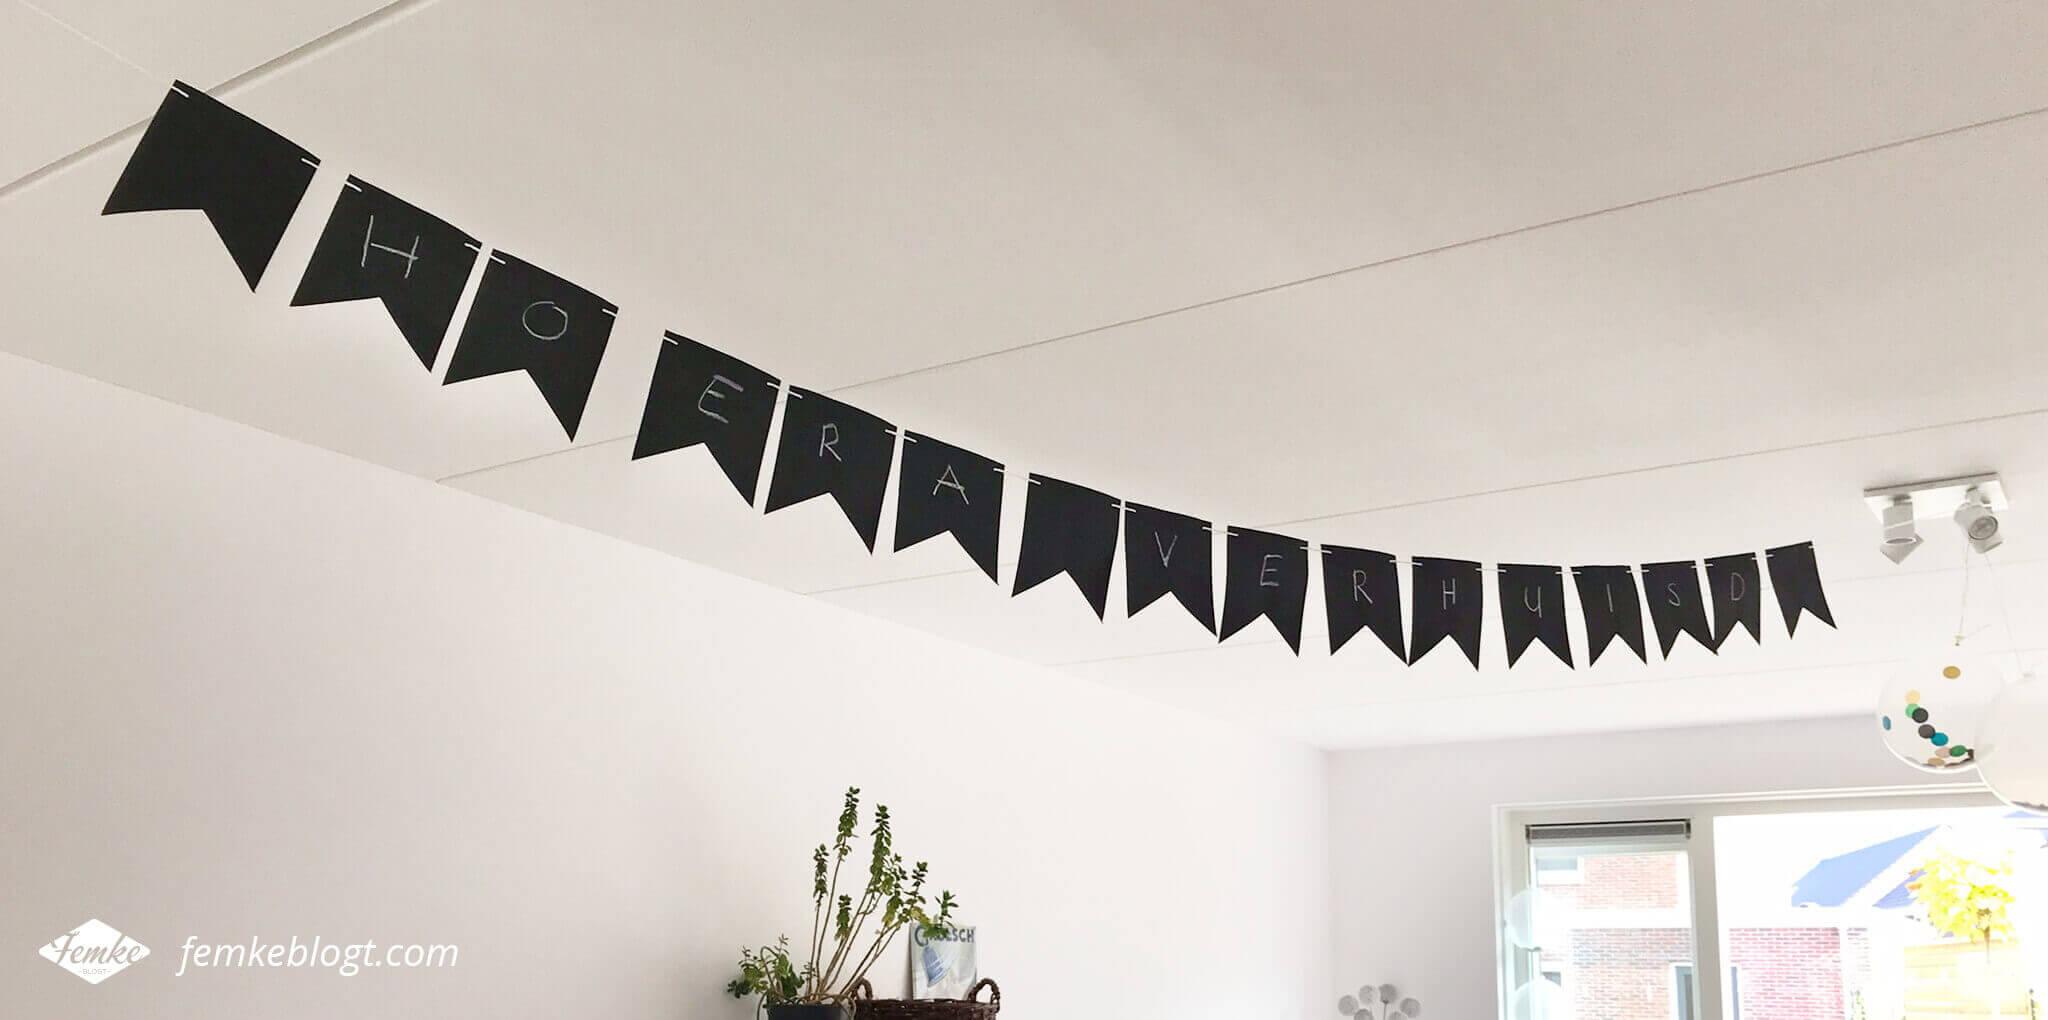 Onze housewarming | Op deze krijtslinger zet je makkelijk een nieuwe boodschap voor elk feest!